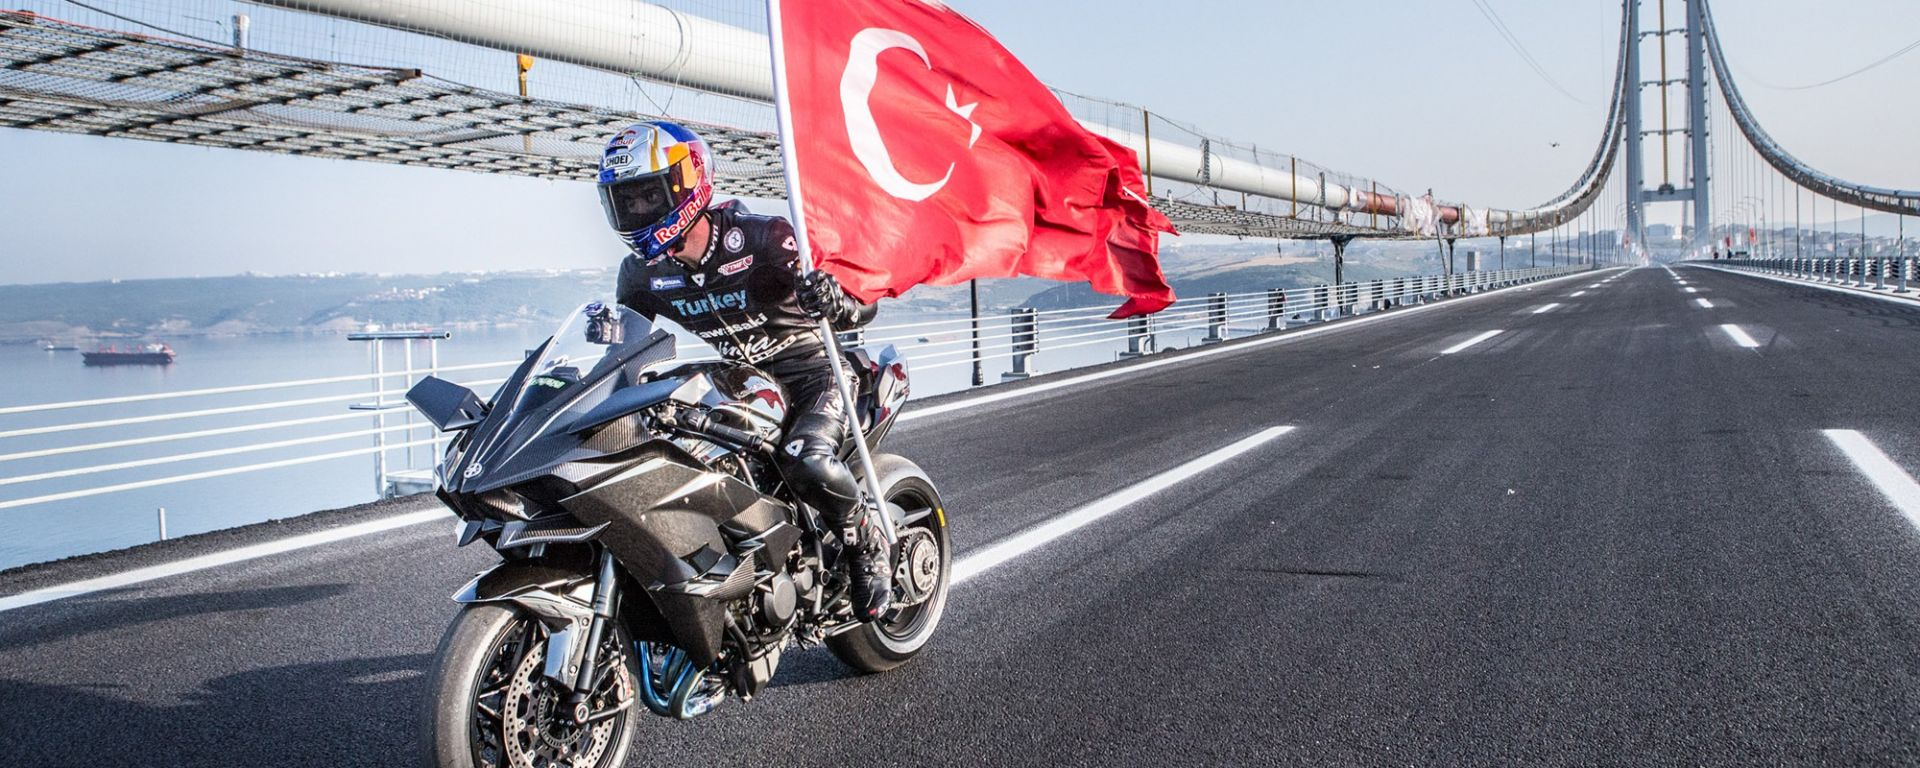 Kenan Sofuoglu a 400 km/h sulla Kawasaki Ninja H2R